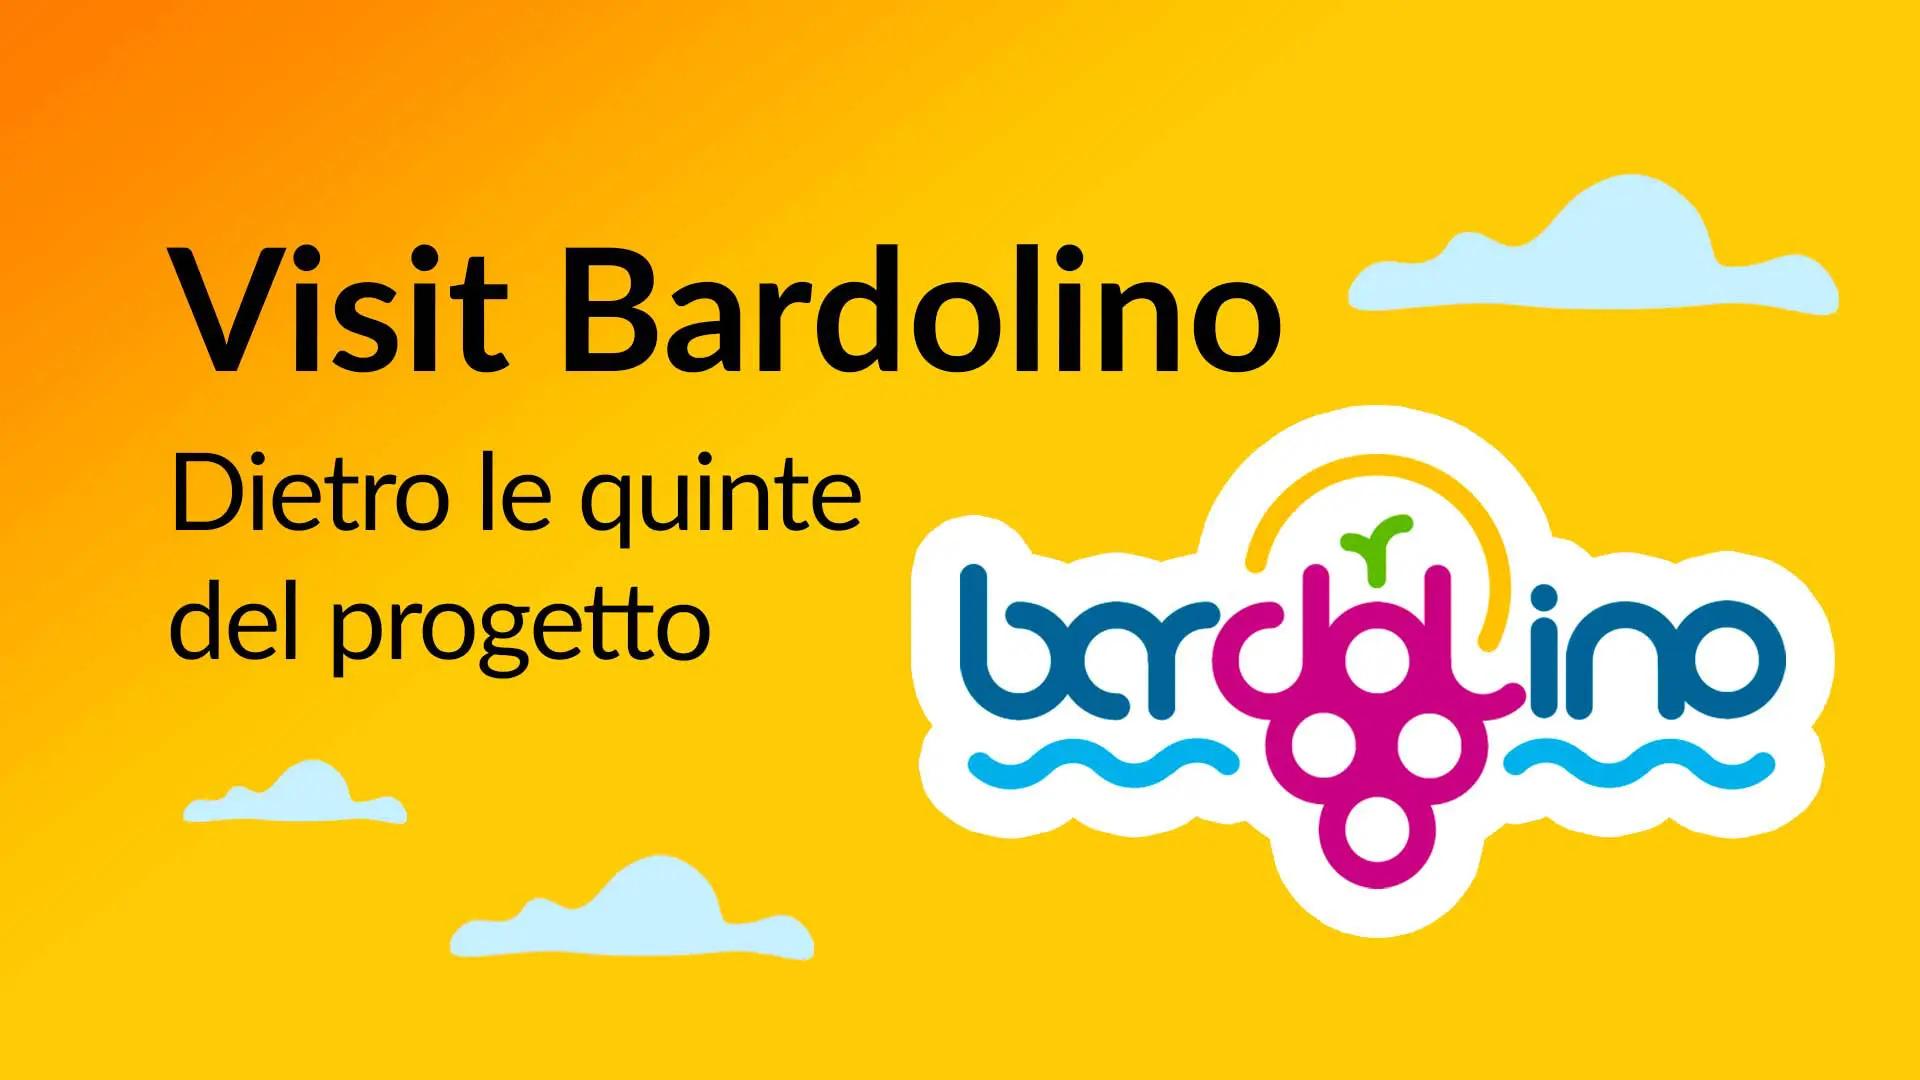 Visit-Bardolino-Dietro-le-quinte-del-progetto-2-_2_